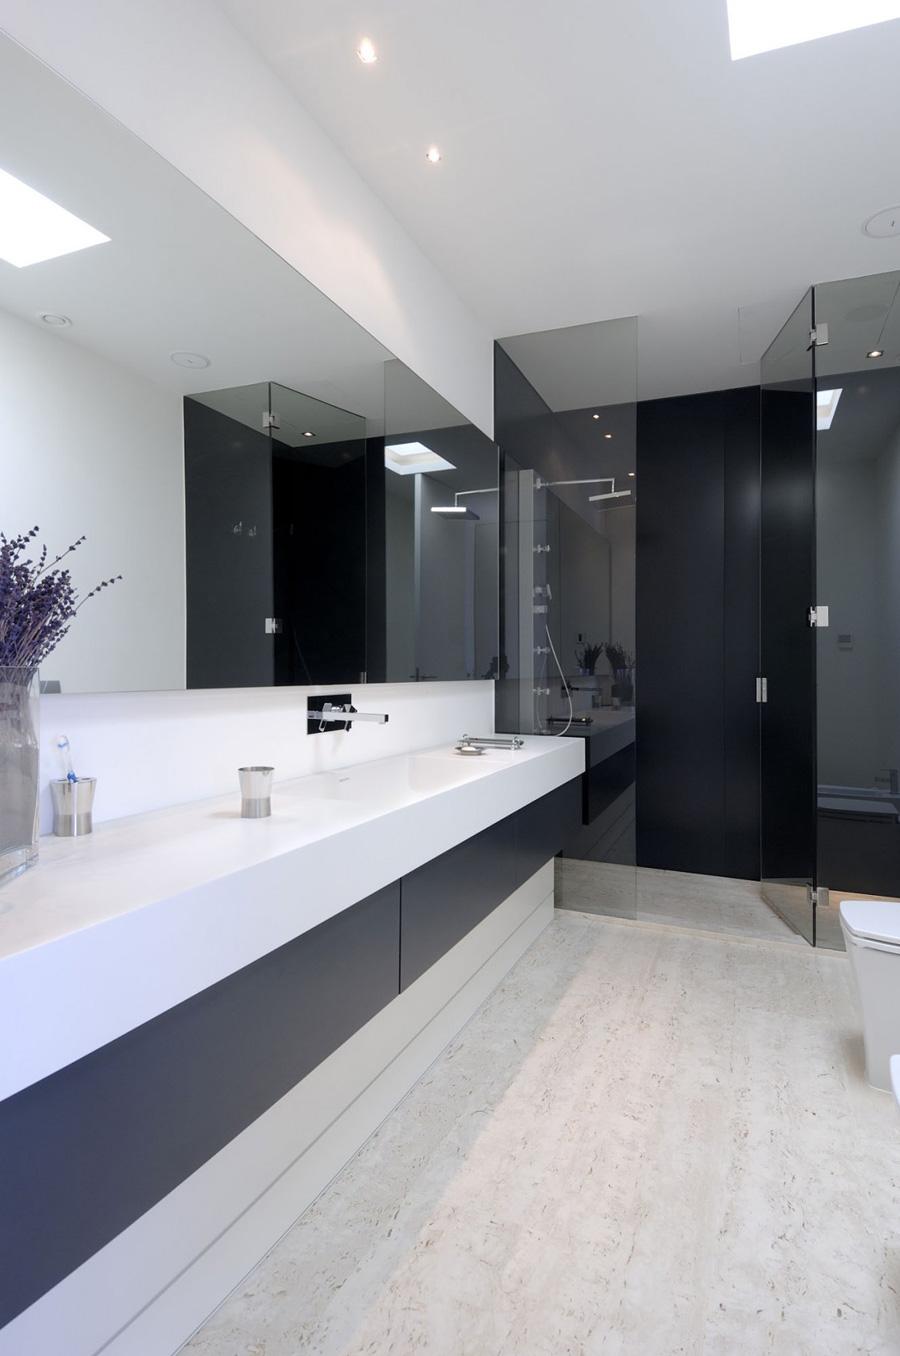 Bathroom, The Vivienda 19 by A-cero